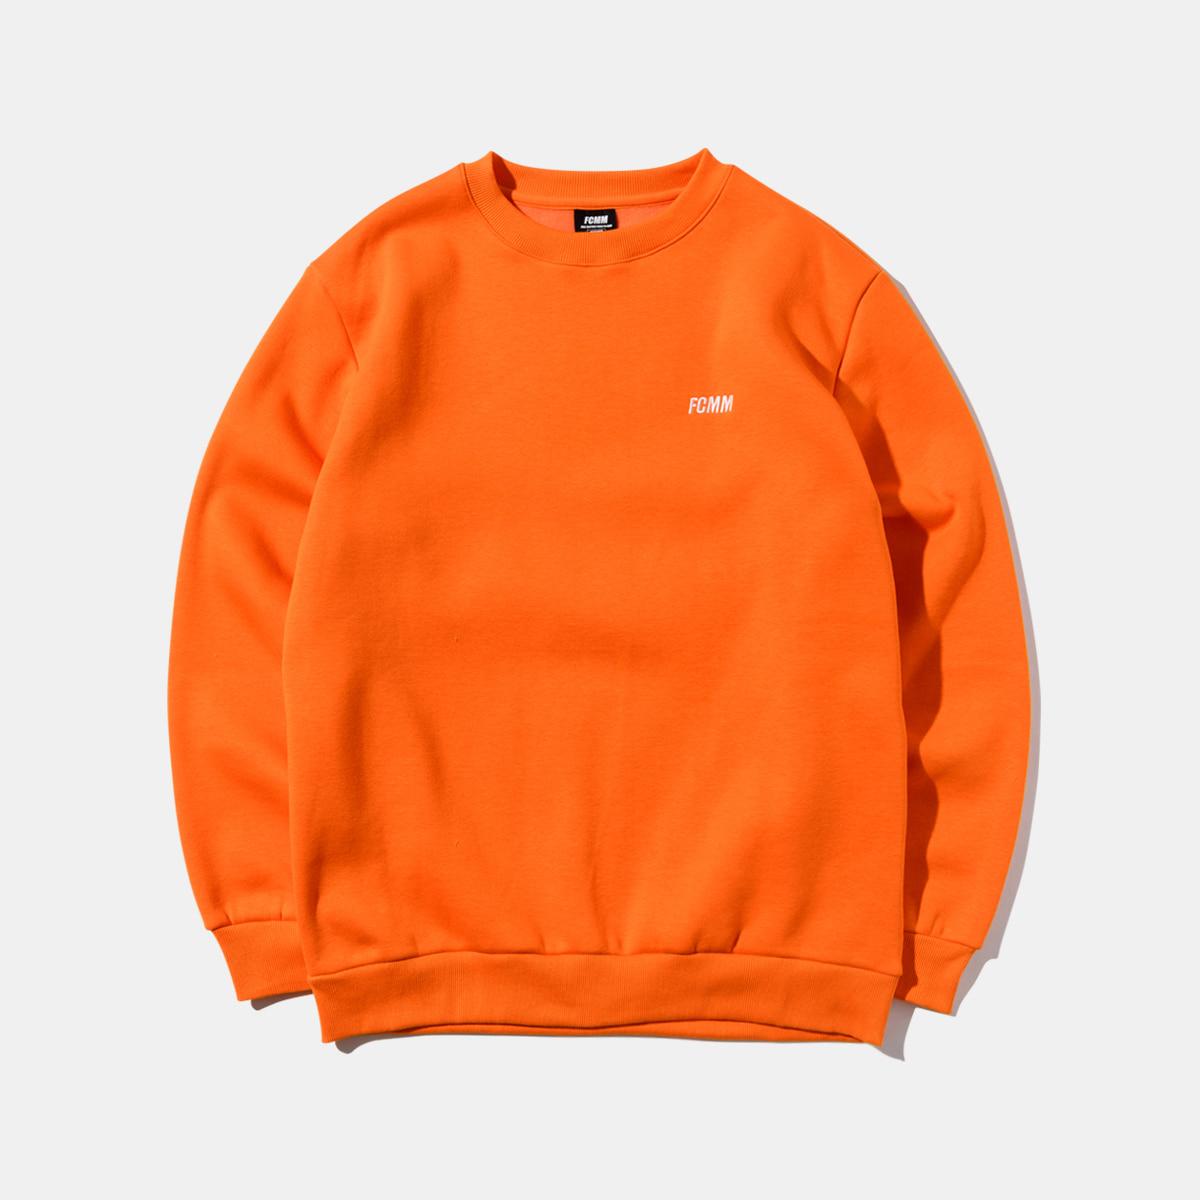 클럽 에센셜 맨투맨 - 오렌지